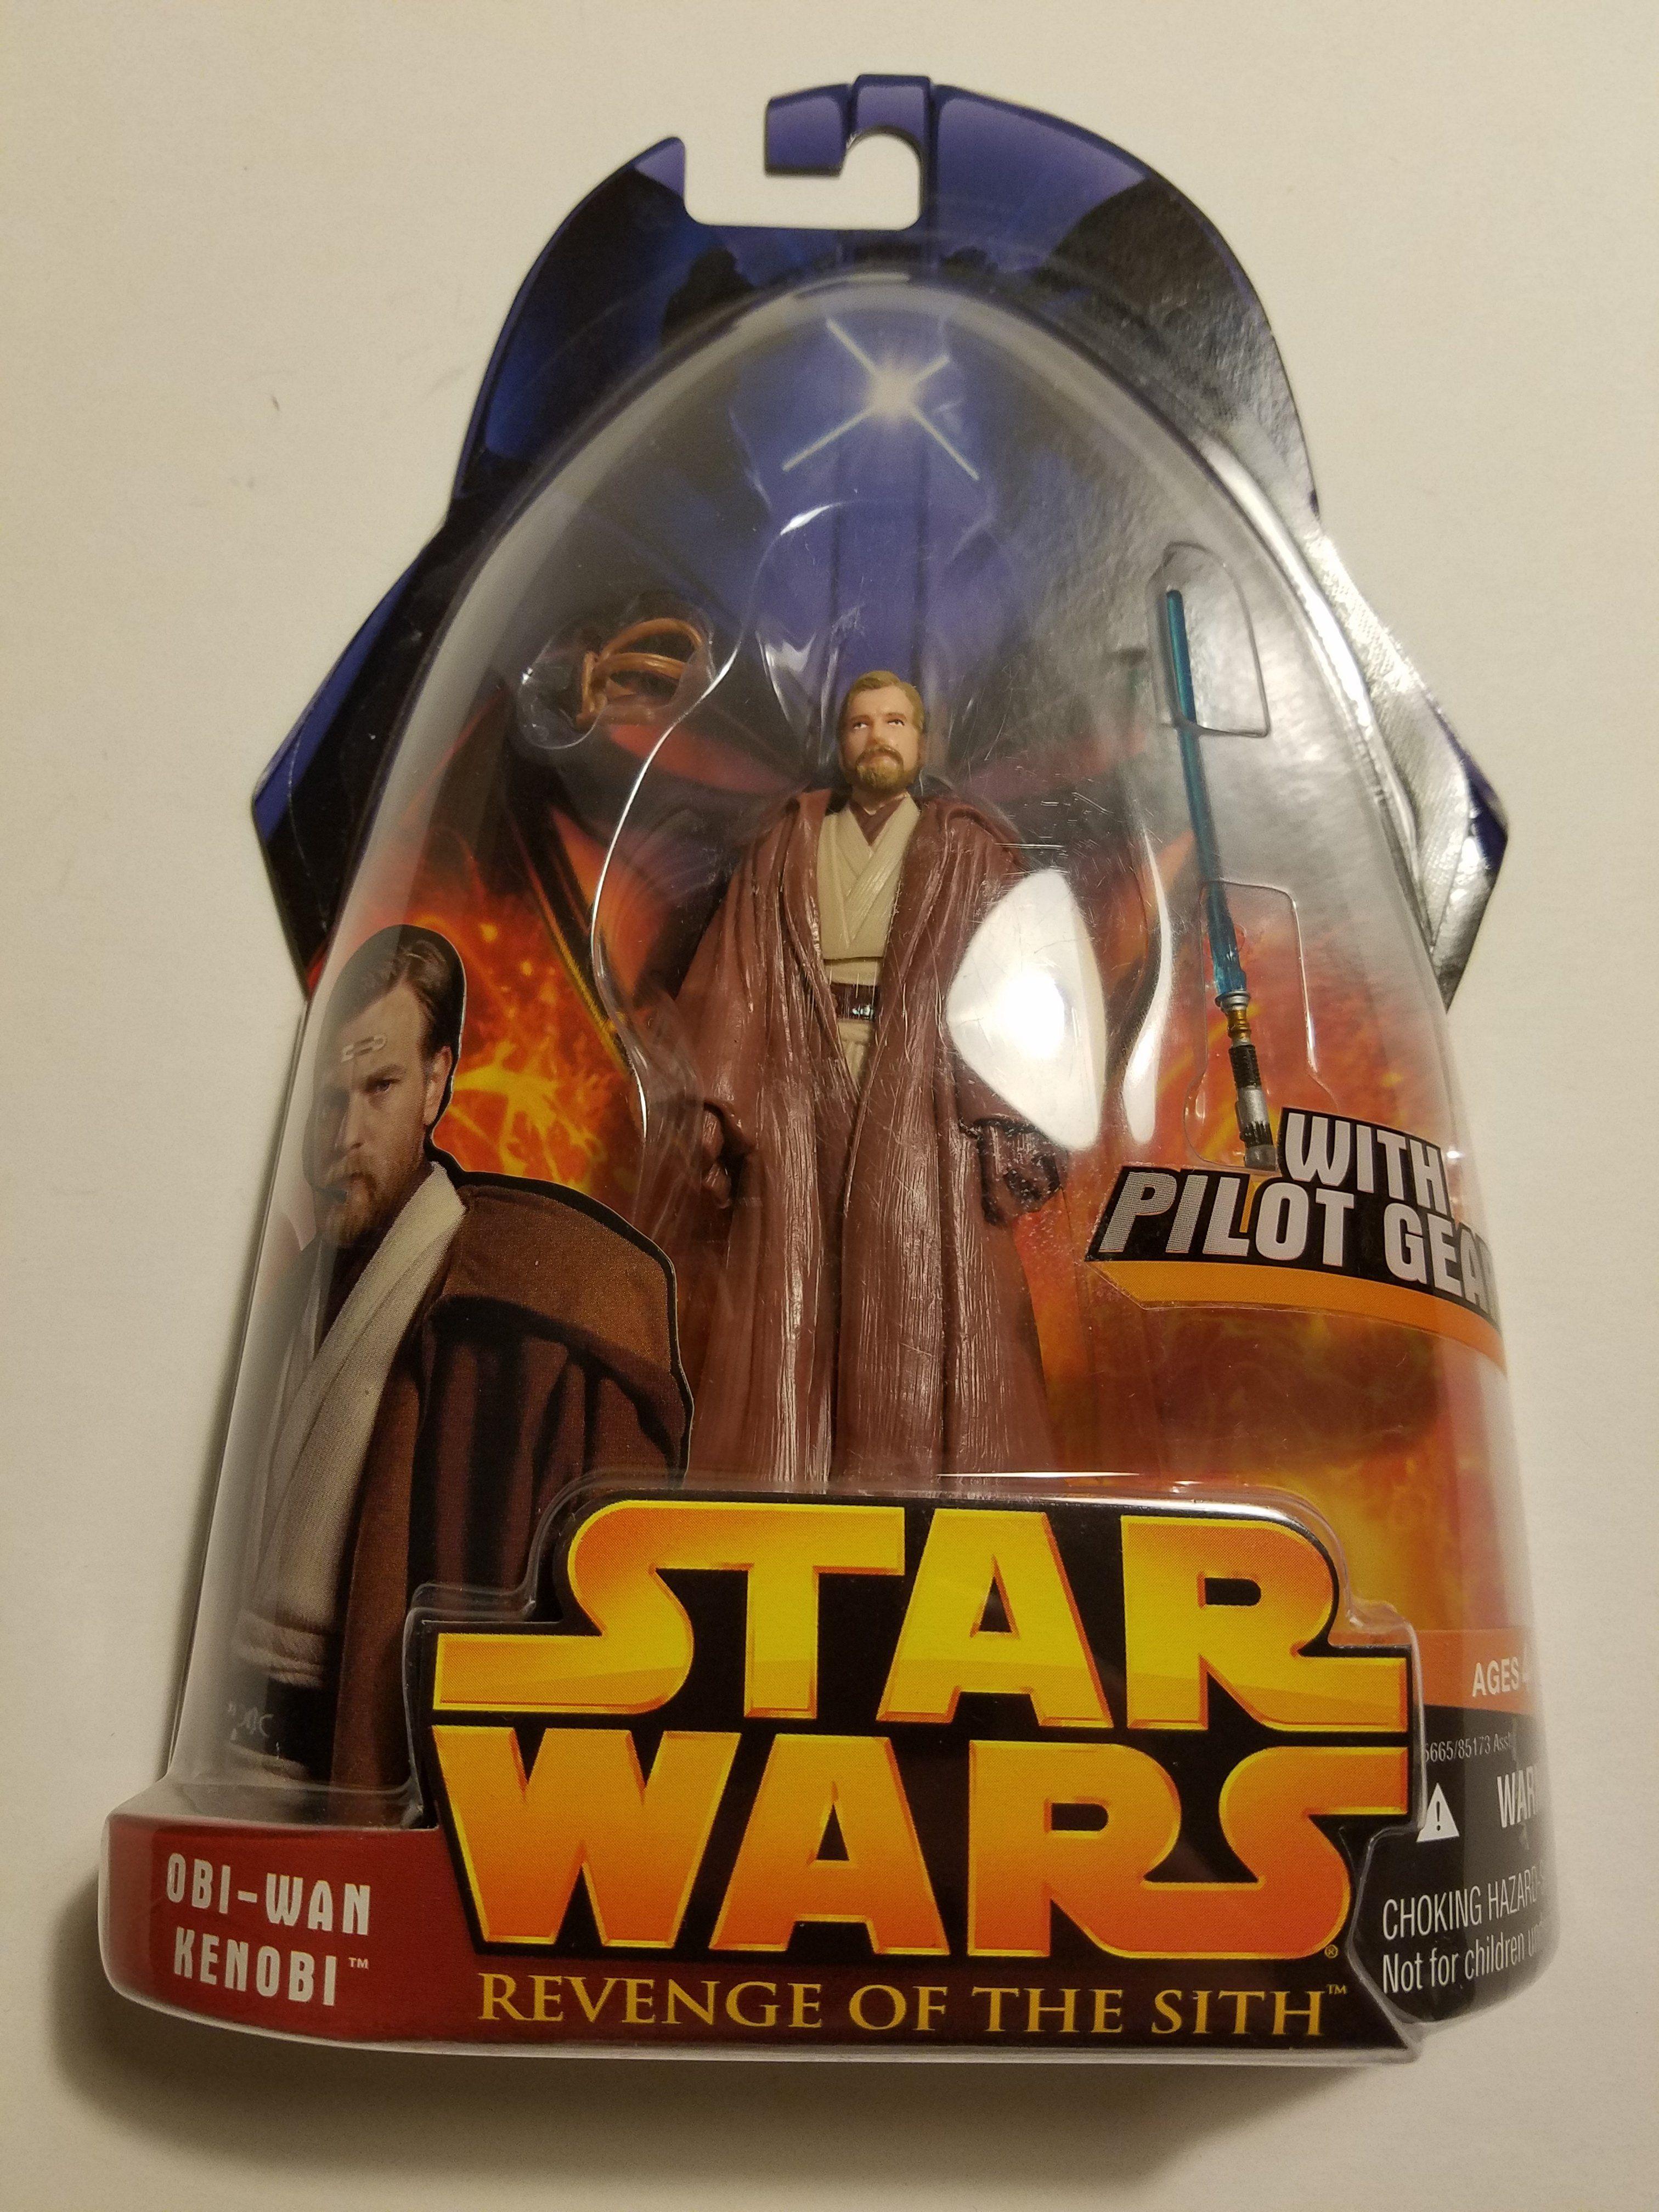 Star Wars Revenge Of The Sith Obi Wan Kenobi With Pilot Gear Kenobi Obi Wan Obi Wan Kenobi